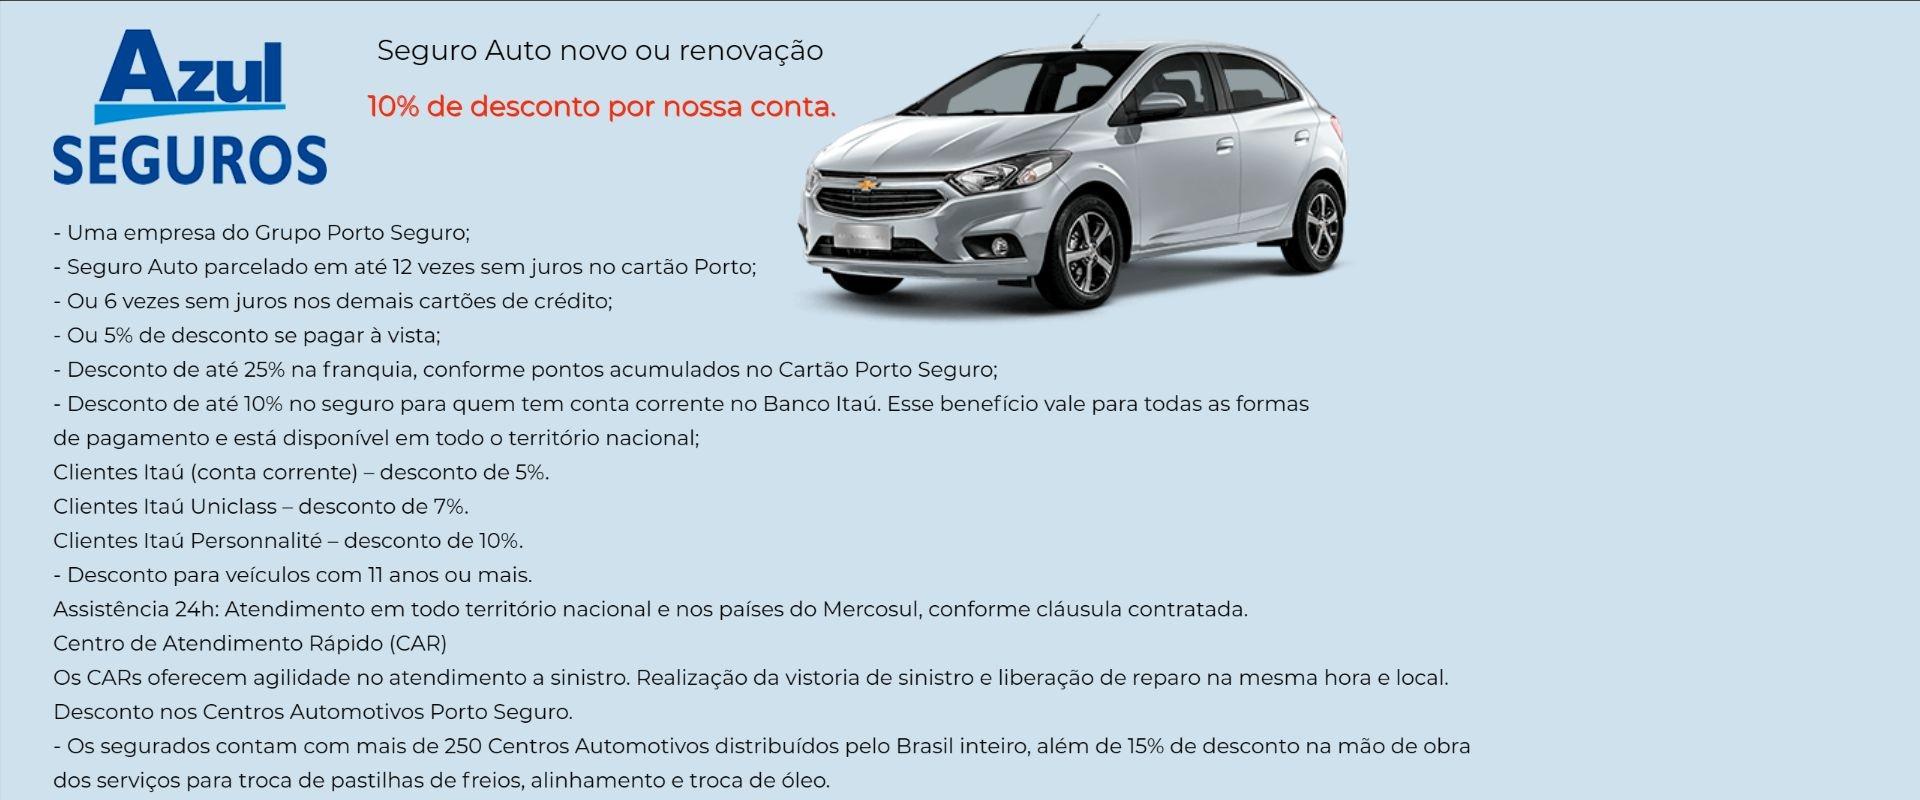 Azul Seguro Auto com Desconto em Lençóis Paulista